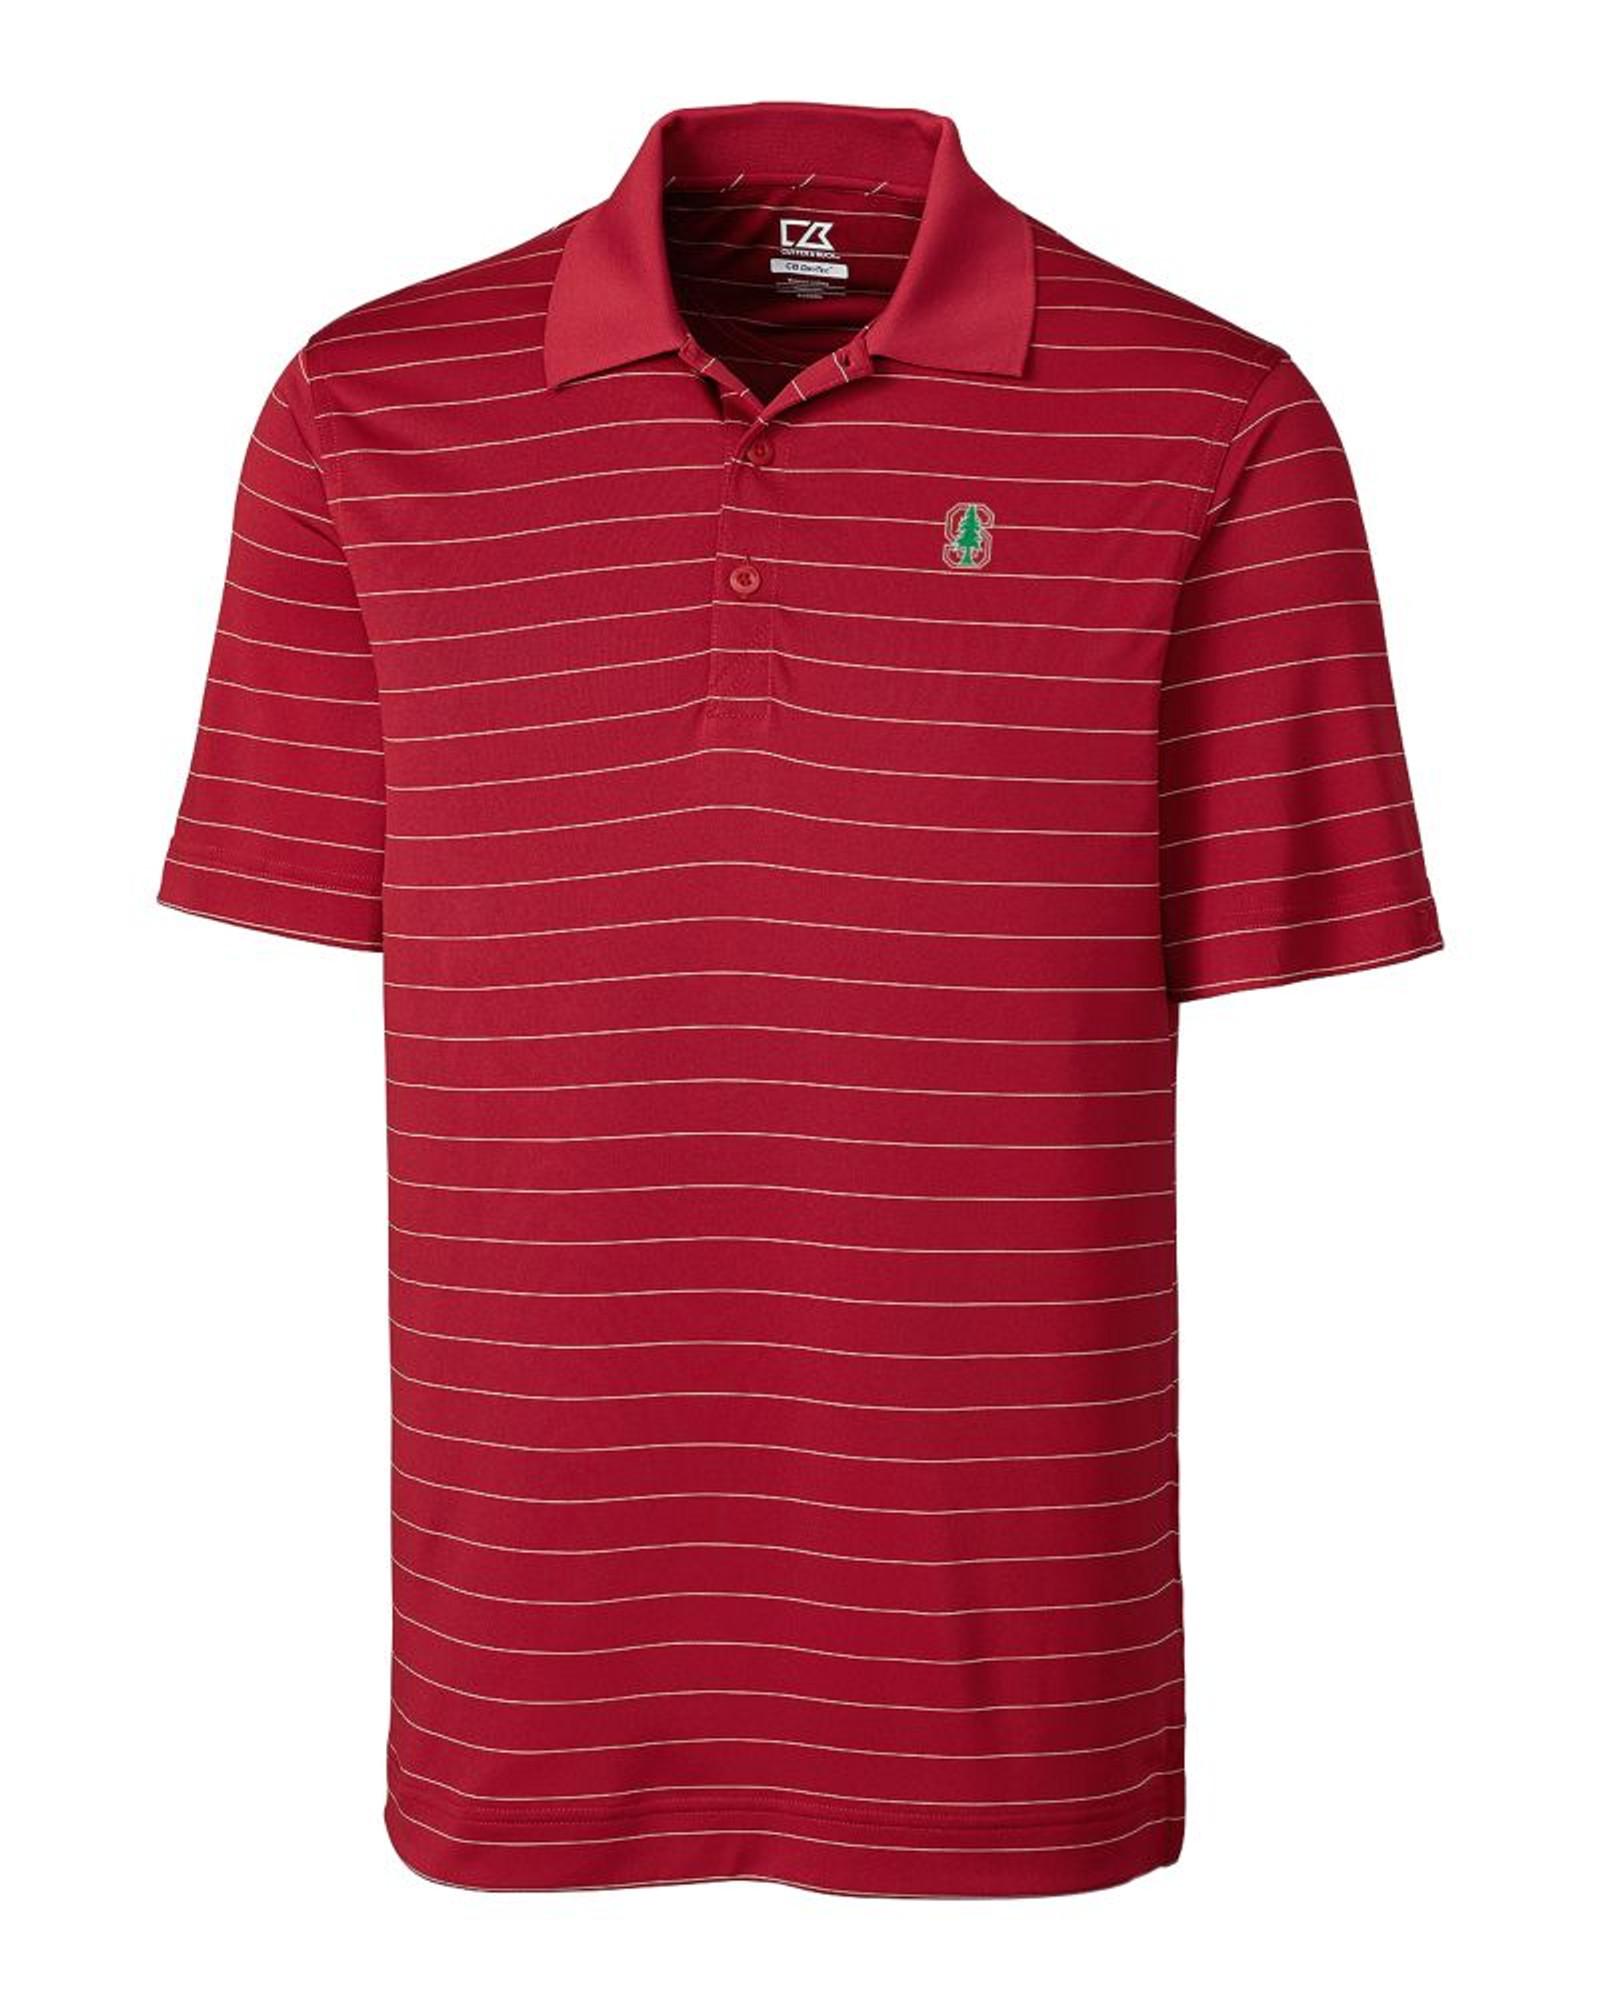 b3f904604a2 Stanford Cardinal CB DryTec Franklin Stripe Polo